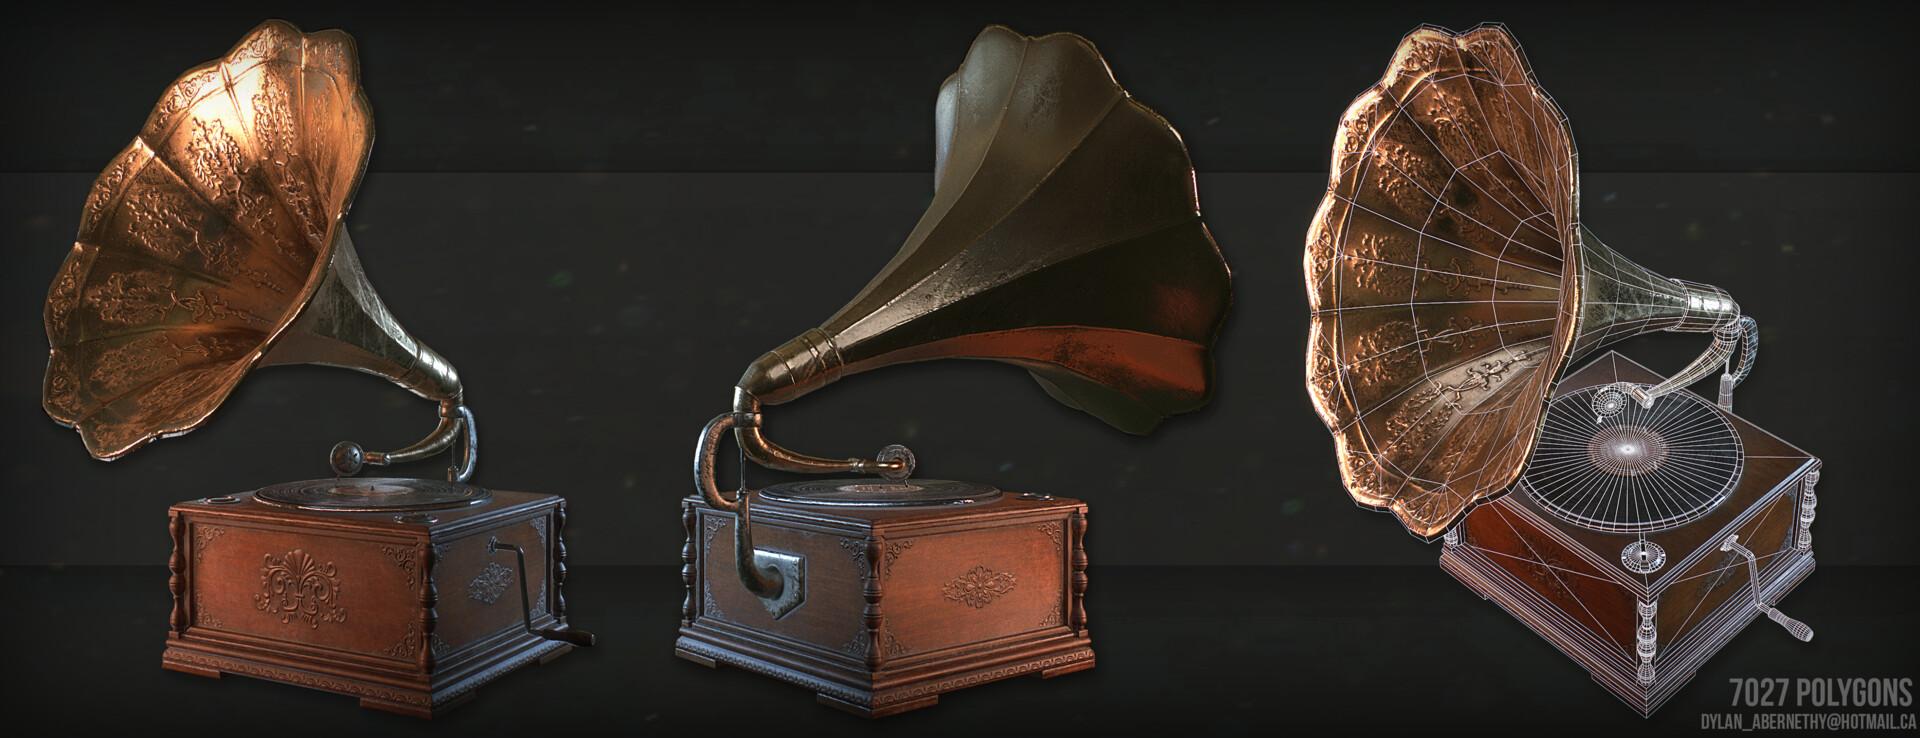 Gramophone Breakdown